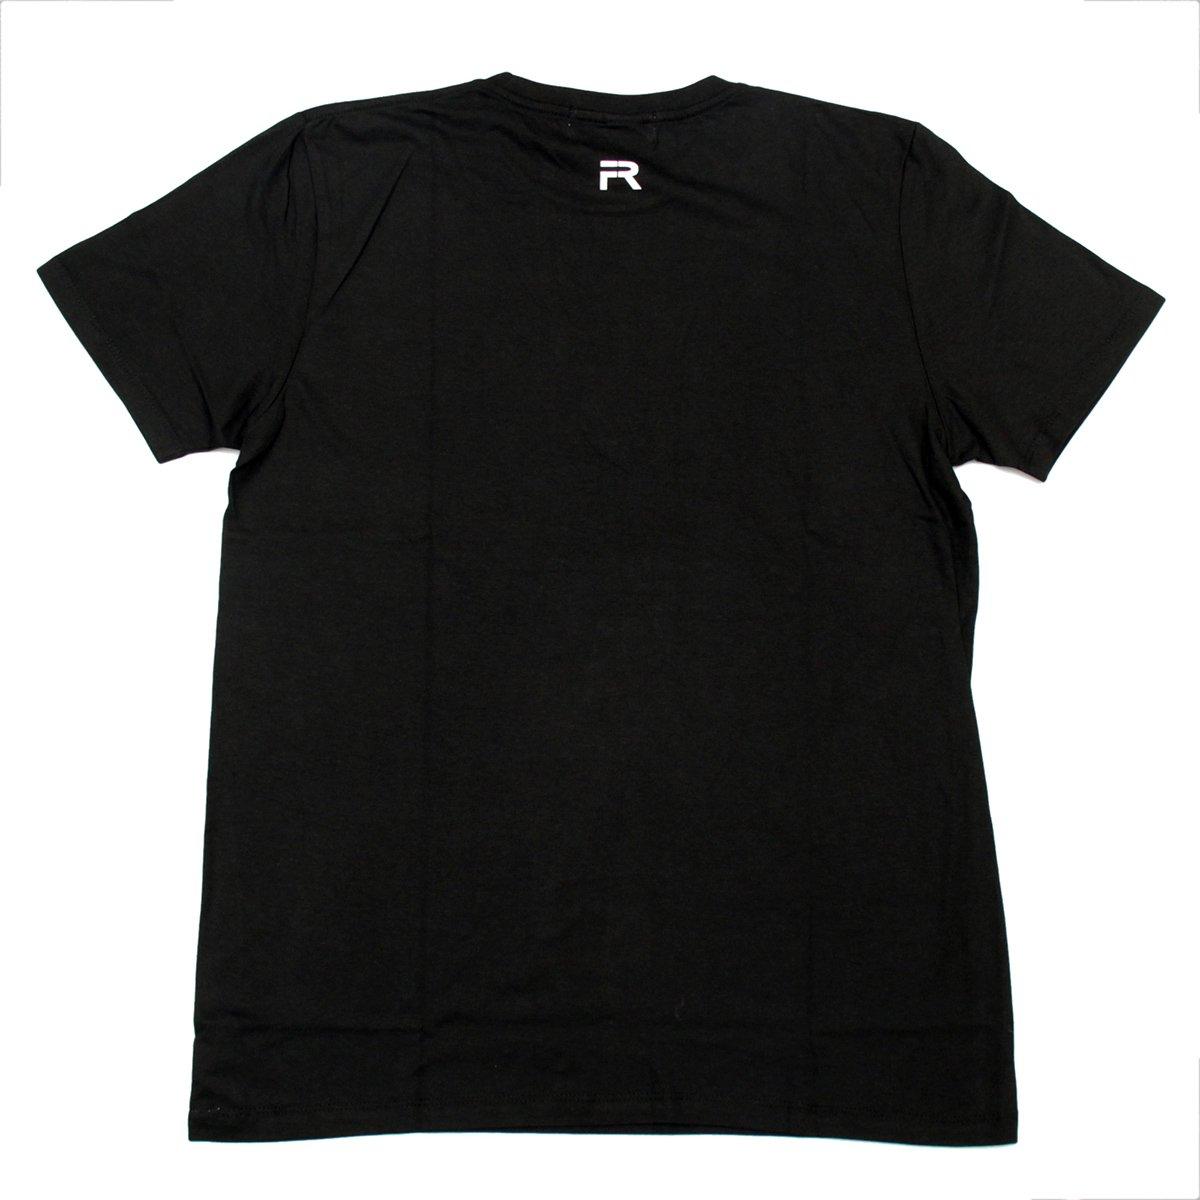 ポジション Tシャツ・全2色